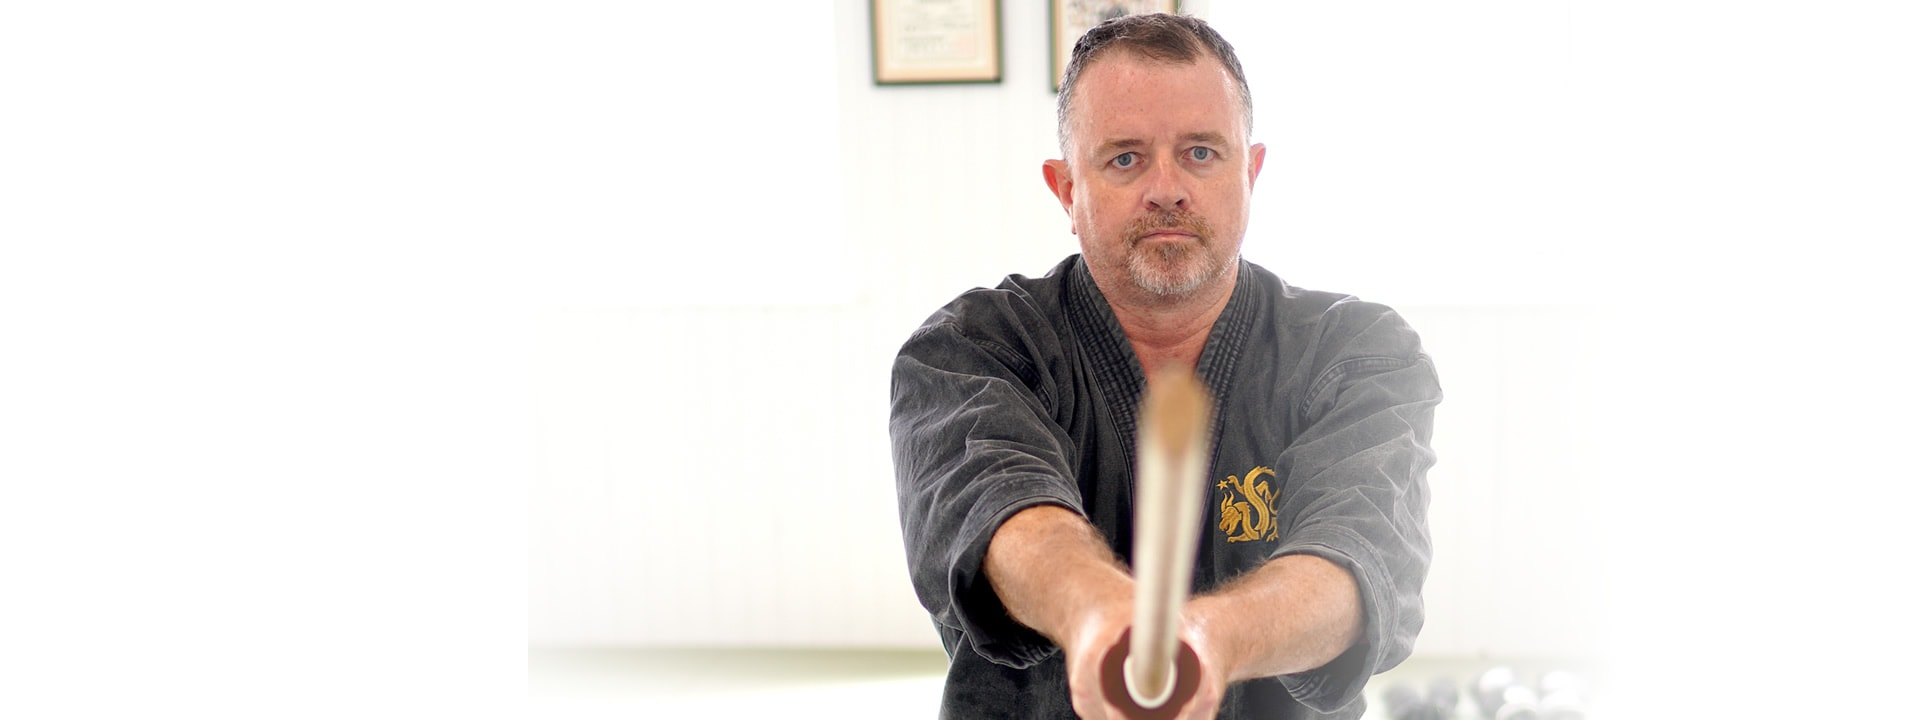 North star Martial arts - Balmain